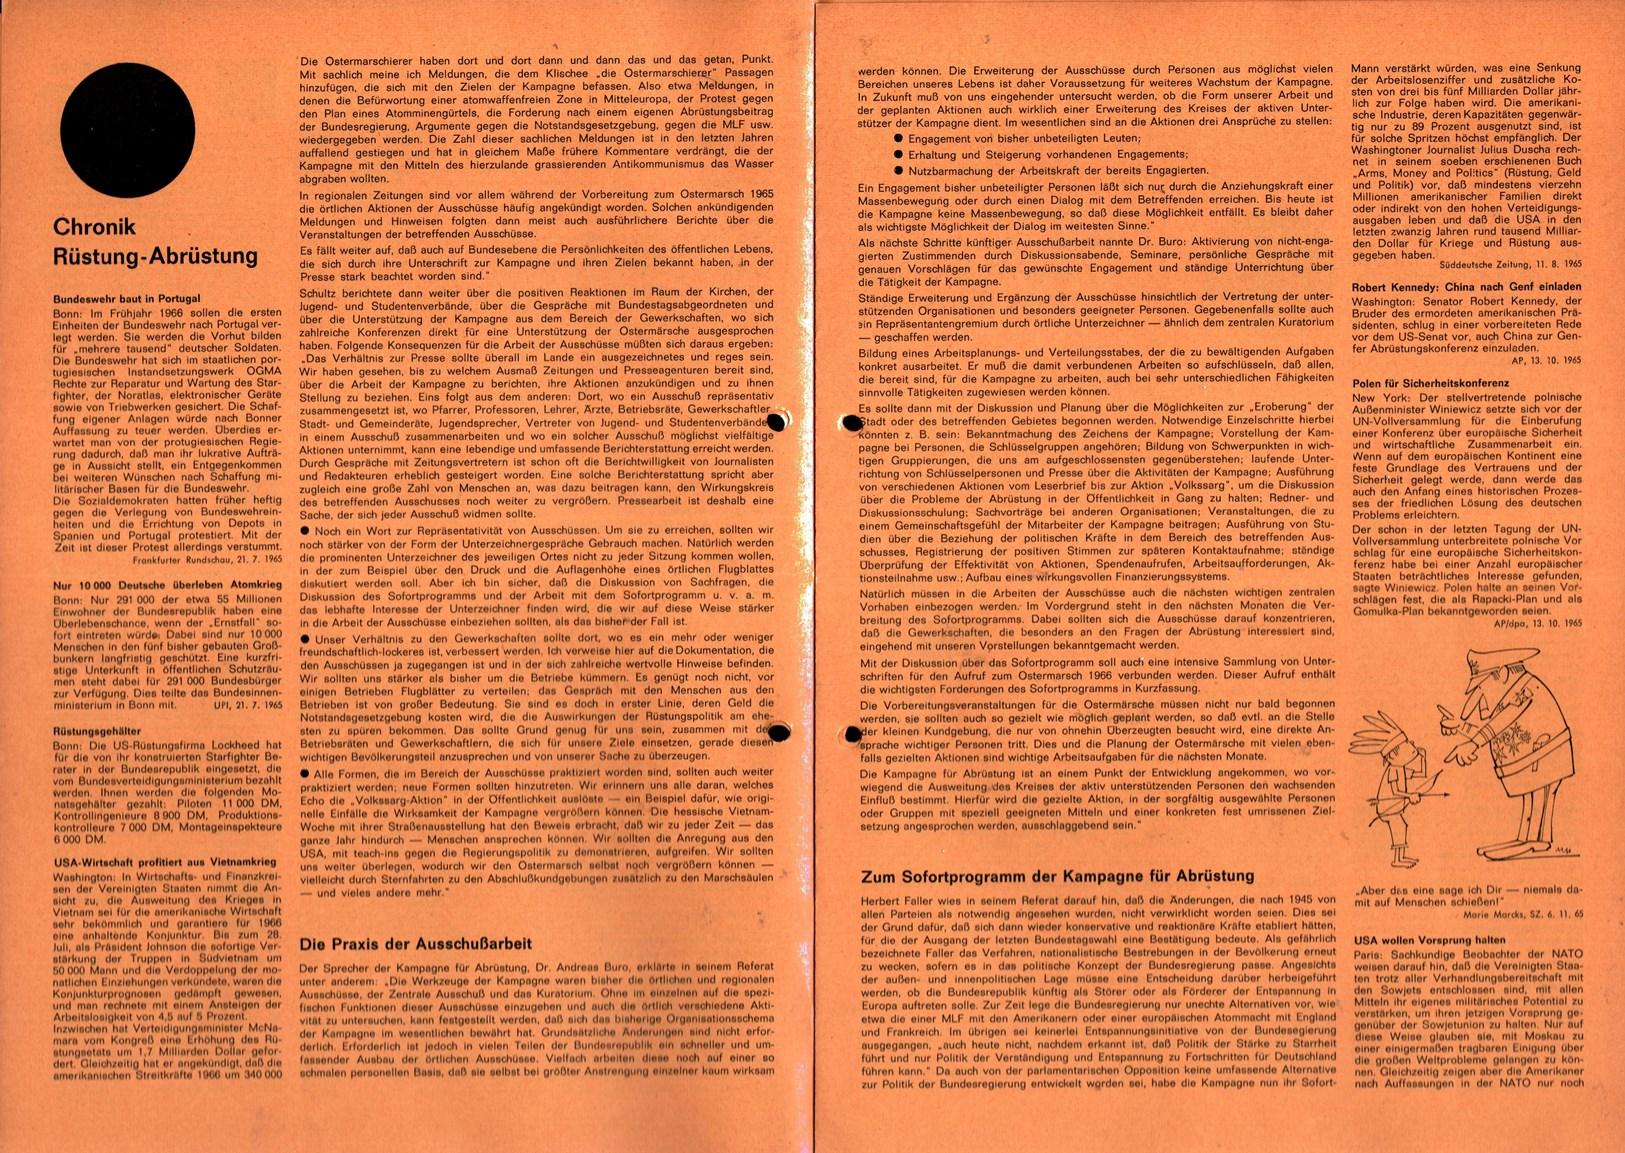 Infos_zur_Abruestung_1965_027_028_003